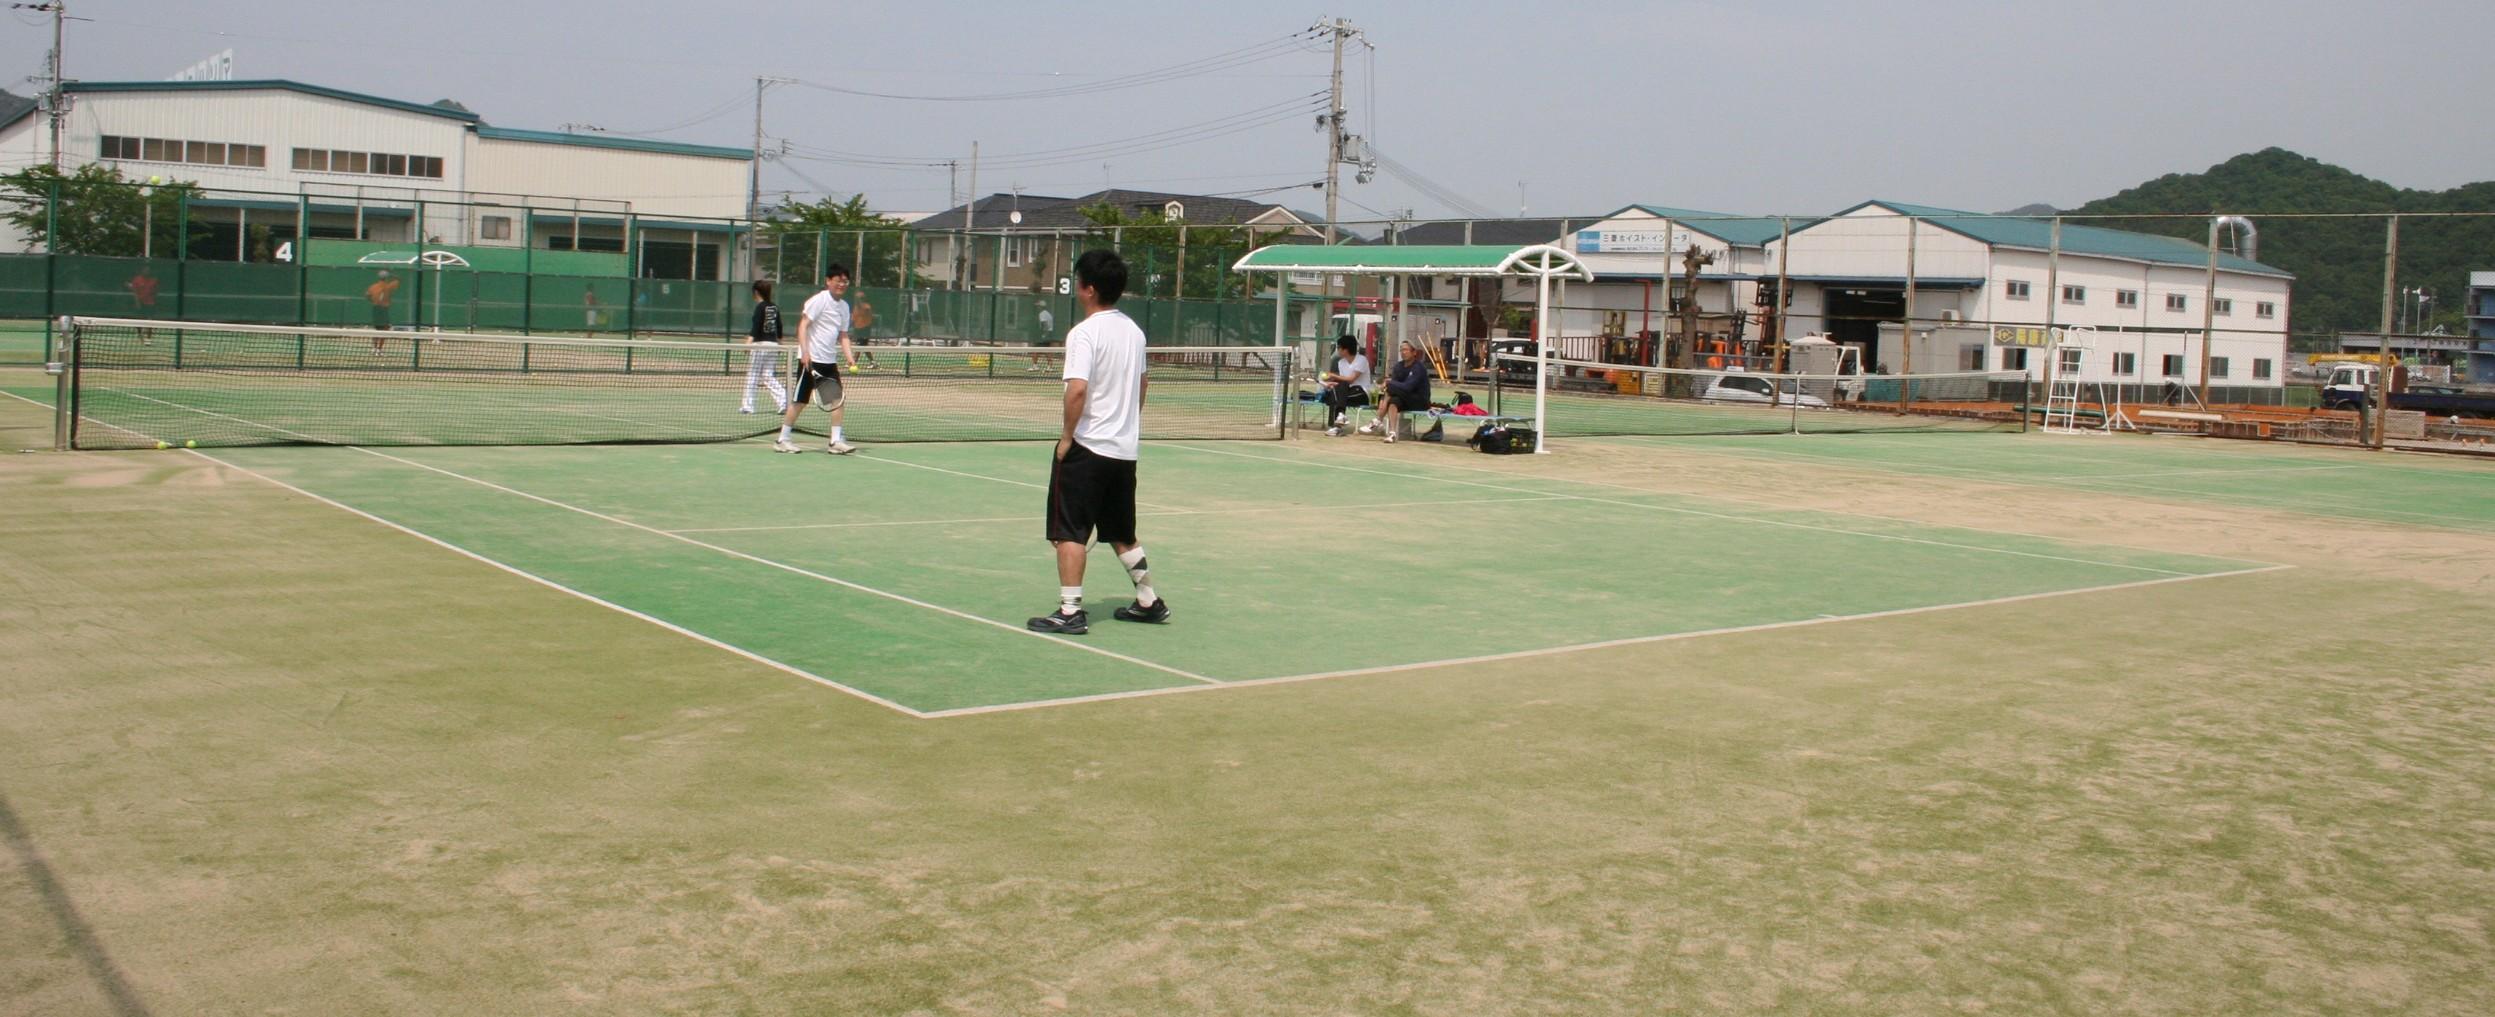 球技スポーツセンターテニスコート画像